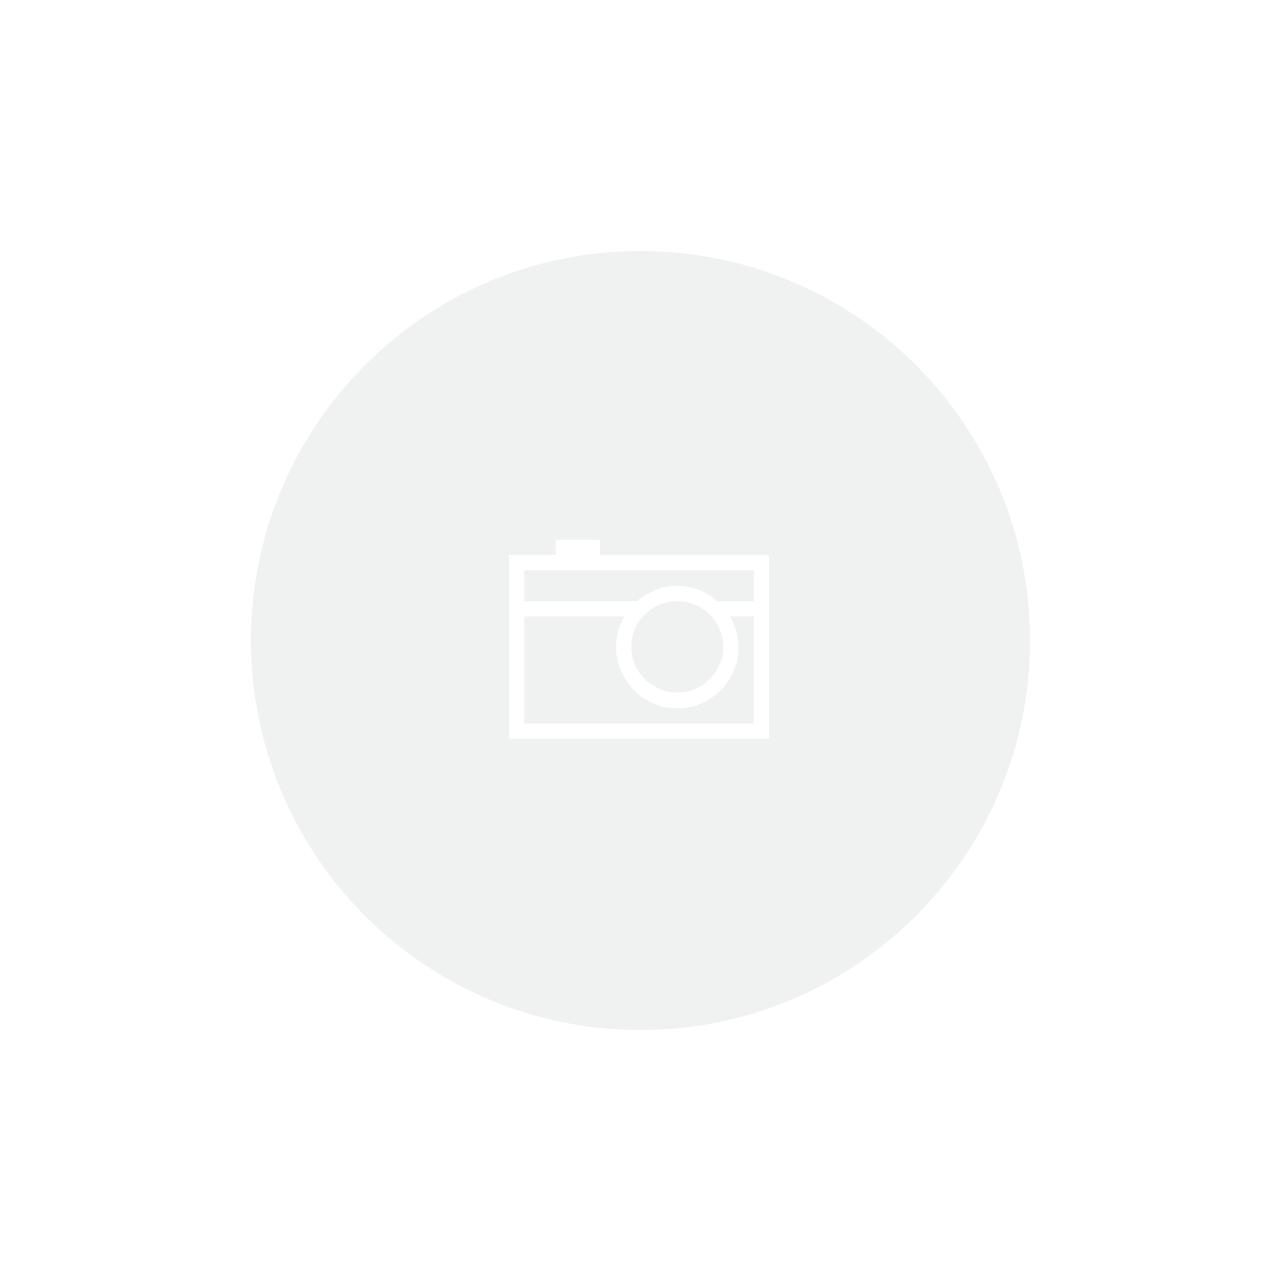 Fruteira c/pe Diamond Vidro 20,2x20,2x24,2cm Lyor